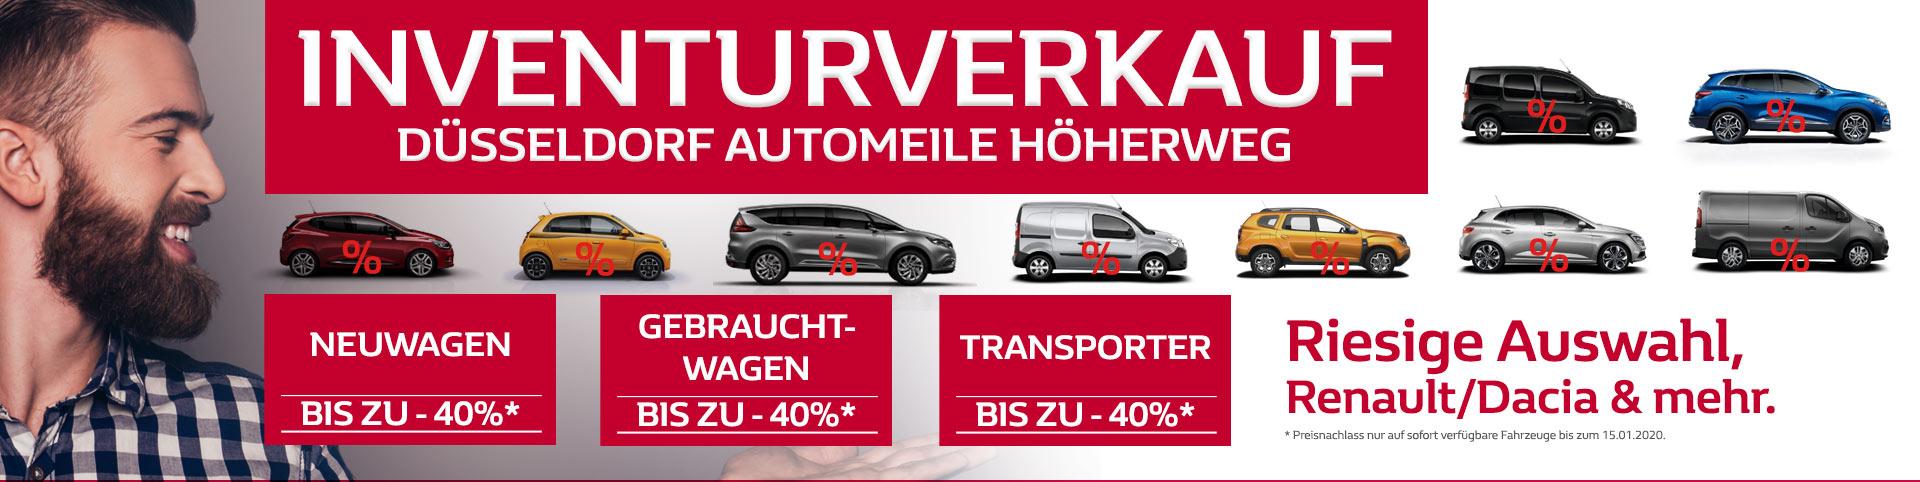 Großer Inventurverkauf in Düsseldorf bei P&A Automeile Höherweg